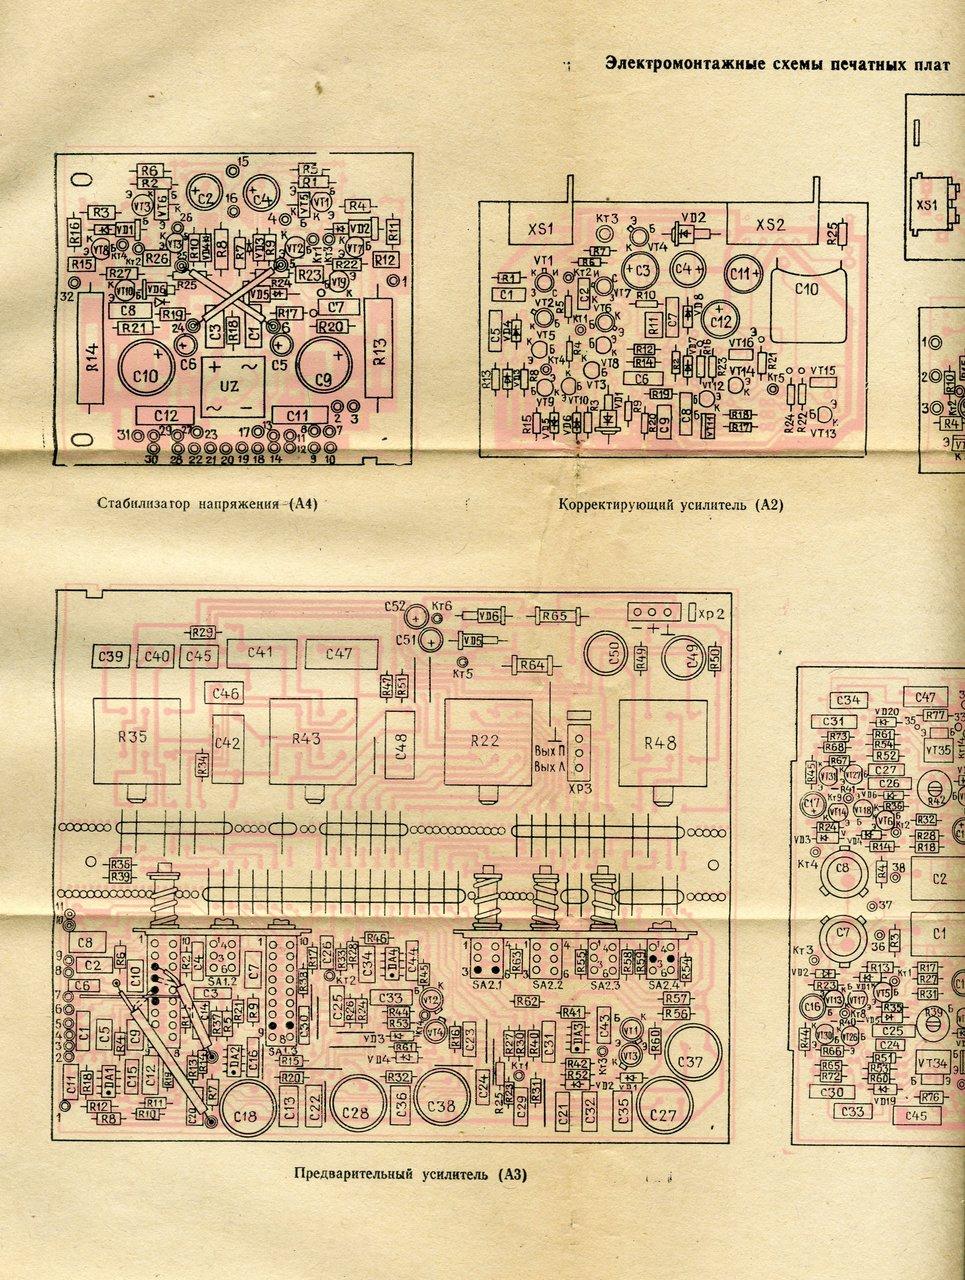 Ищу качественный скан печатных плат и схемы Одиссей 010